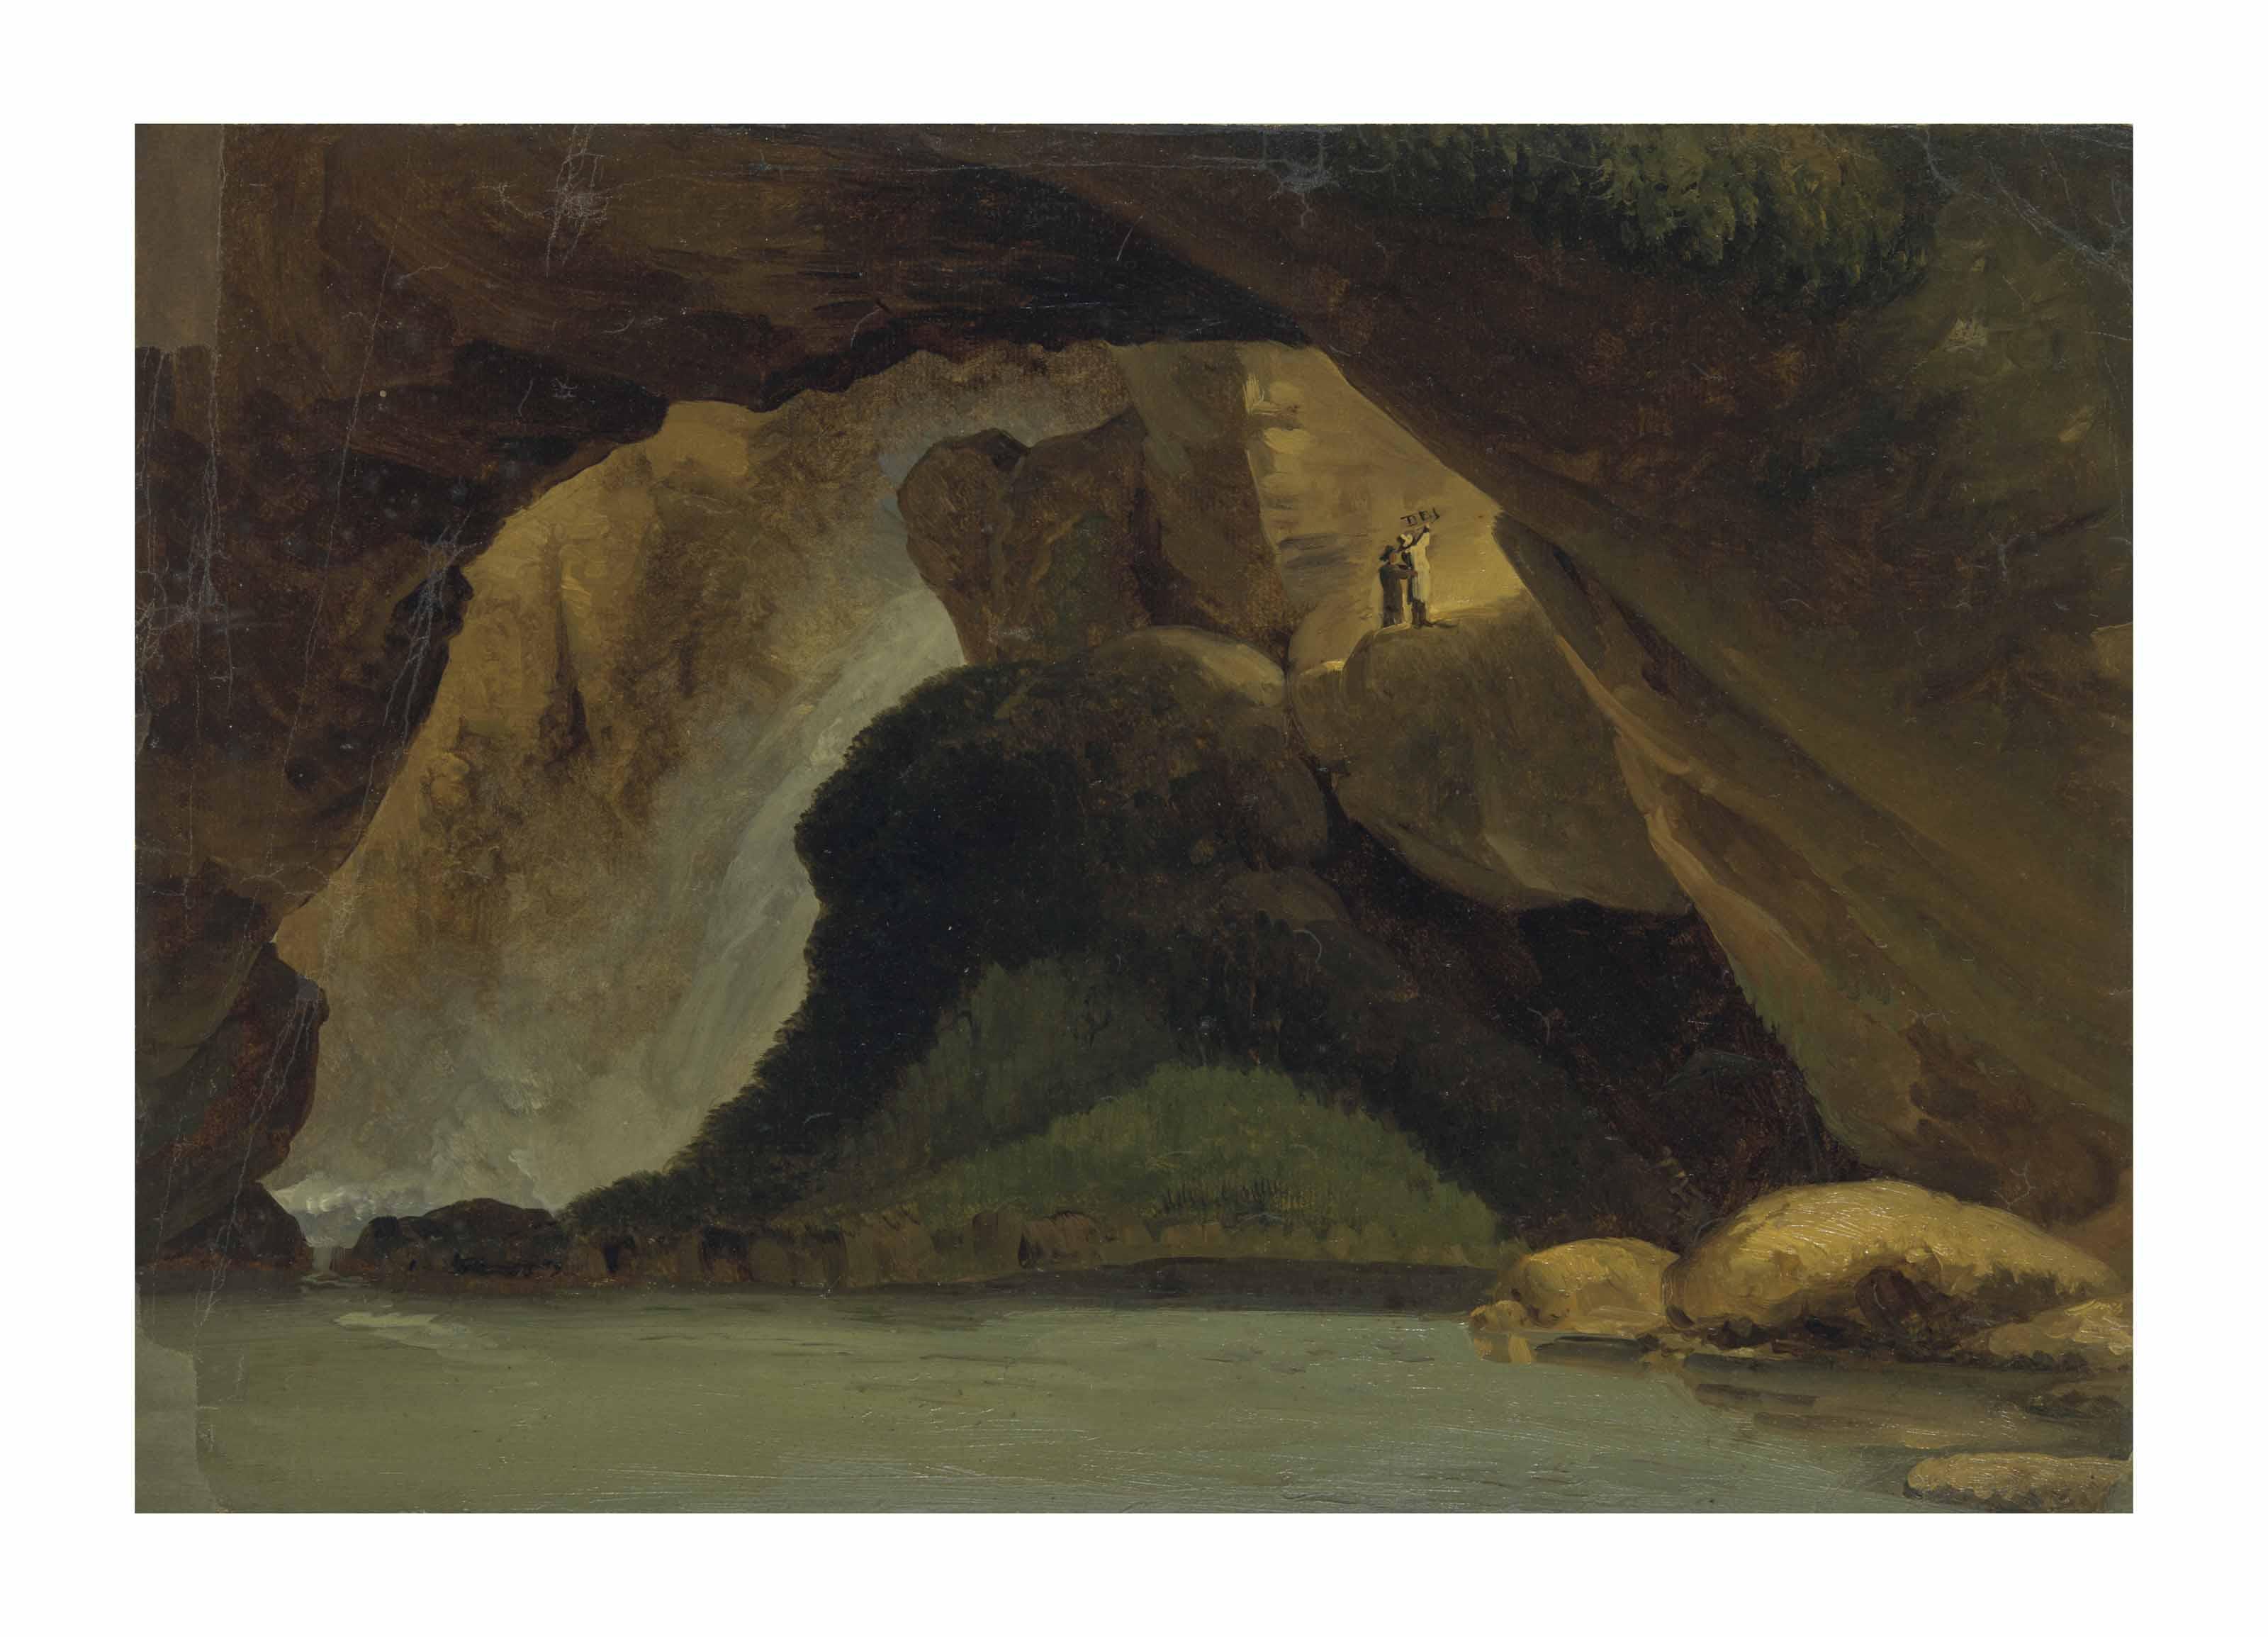 Vue de l'intérieur de la Grotte de Neptune à Tivoli